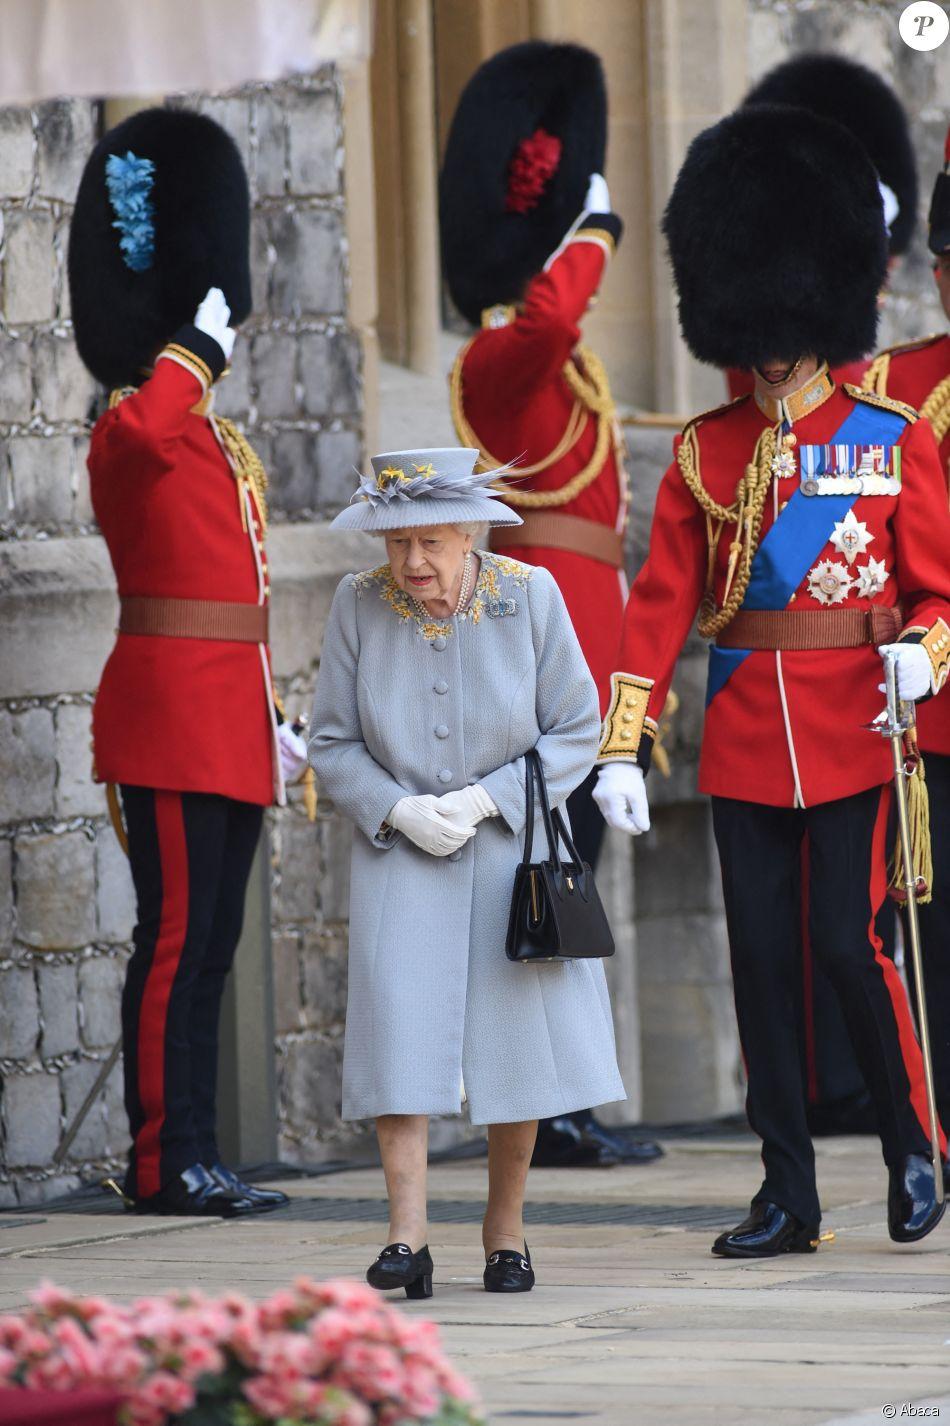 La reine Elizabeth II très enjouée à sa parade anniversaire, elle se laisse emporter par la musique !